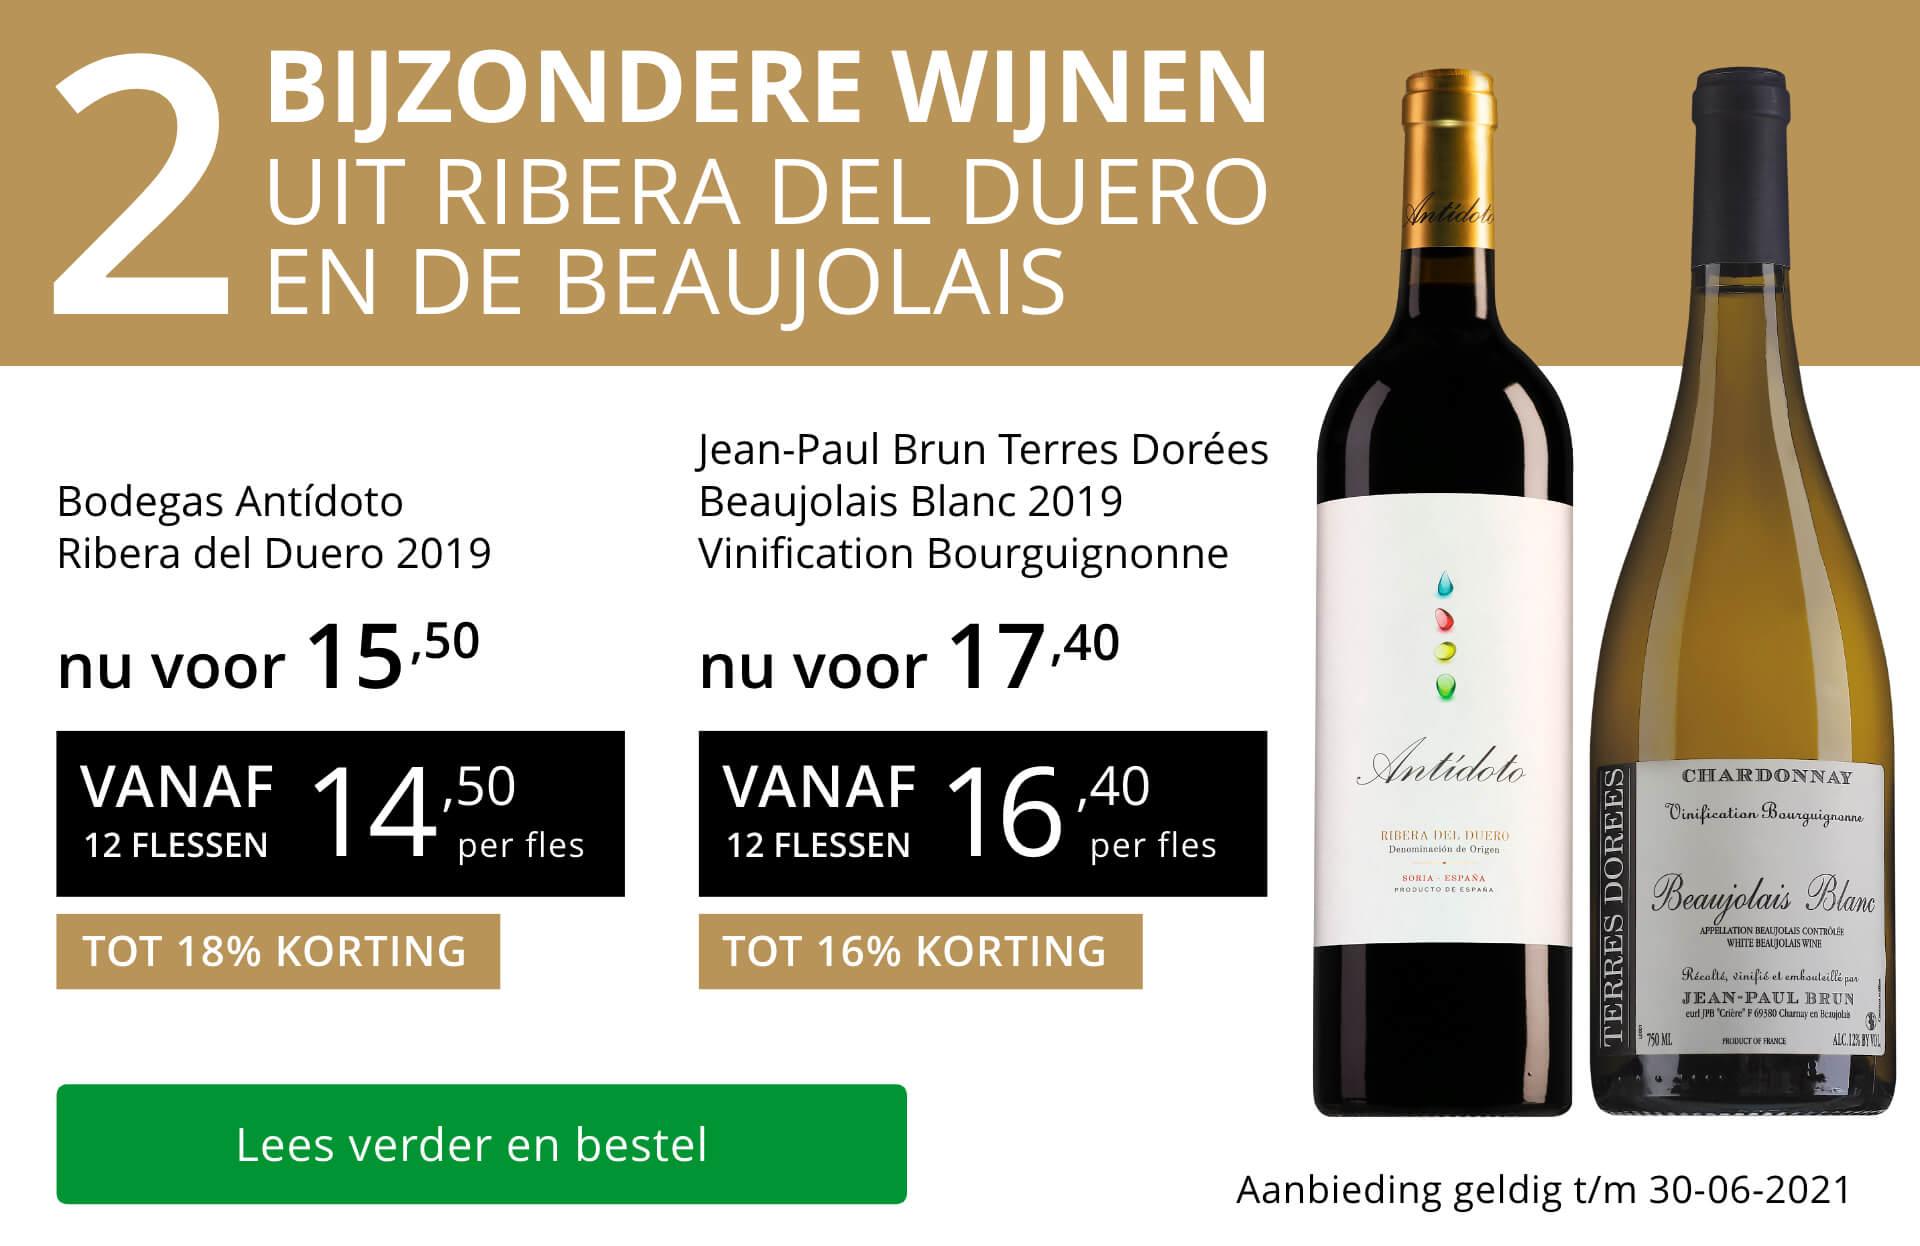 Twee bijzondere wijnen juni 2021 - goud/zwart